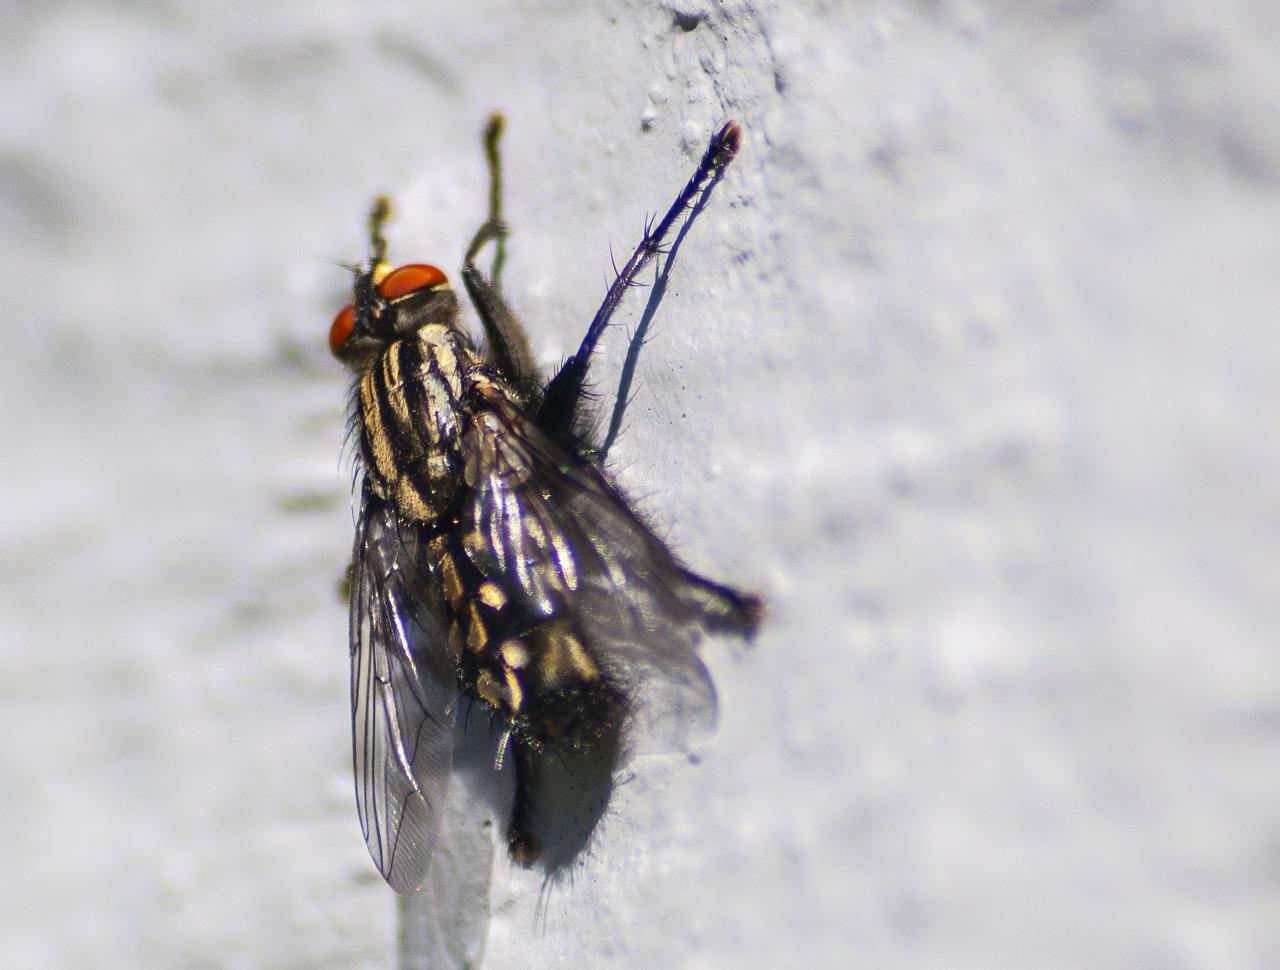 fly-1692772_1280.jpg